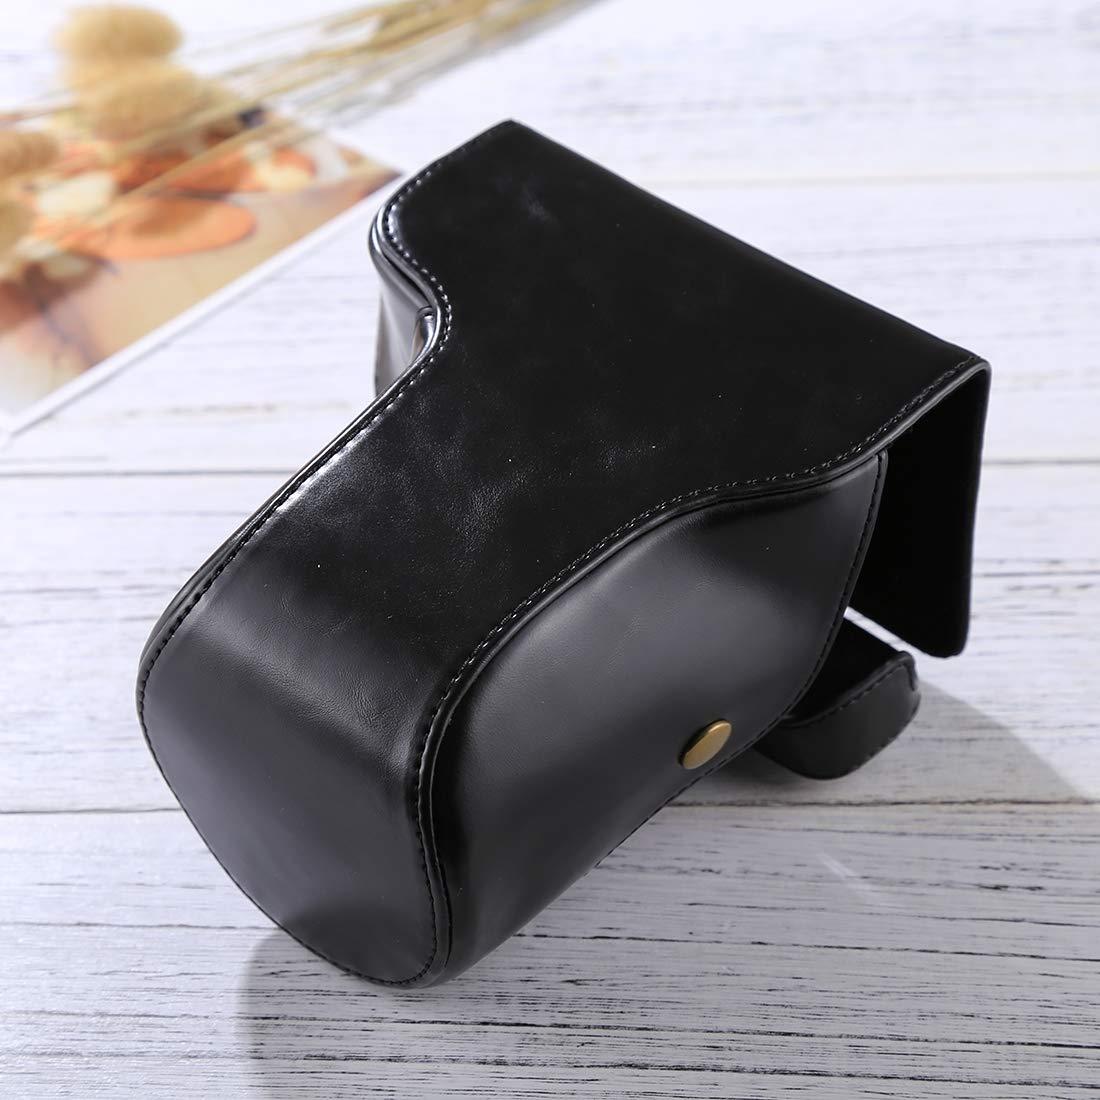 ファッション 便利 耐久性 フルボディ カメラ PUレザー ケースバッグ ストラップ付き 富士フイルム X-E3 (18-55mm / XF 23mm レンズ) かわいい (カラー: ブラック) B07M7TX45V